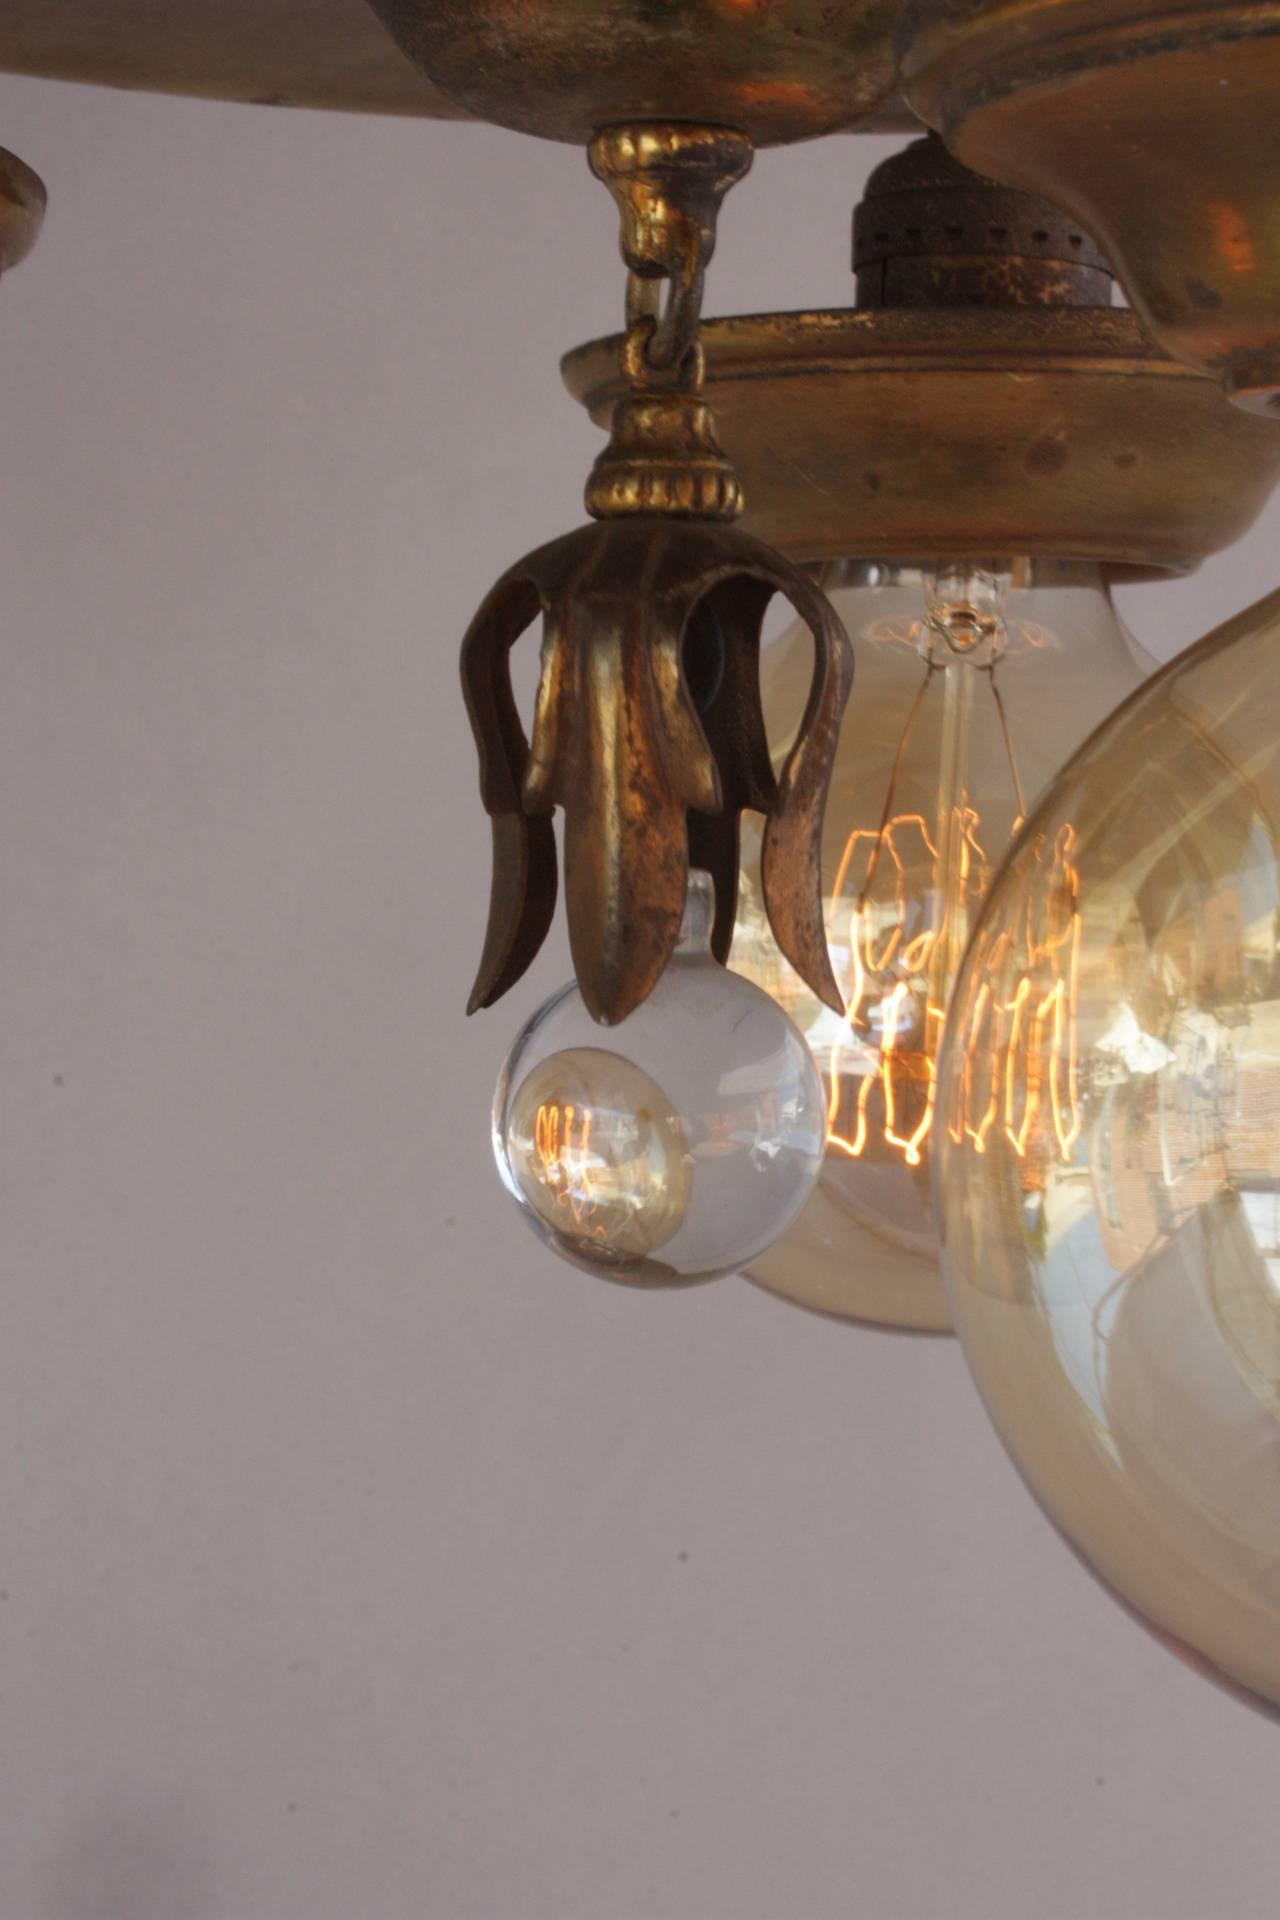 3 Light 1920 S Flush Mount Ceiling Light Fixture At 1stdibs